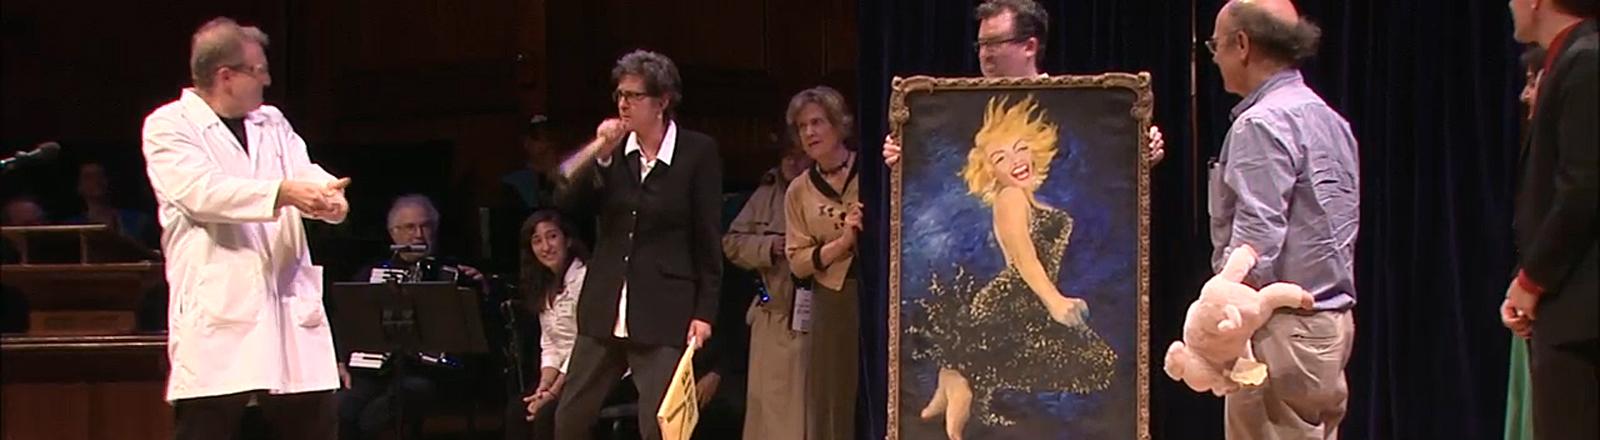 Schreenshot von der Preisverleihung Ig-Nobel